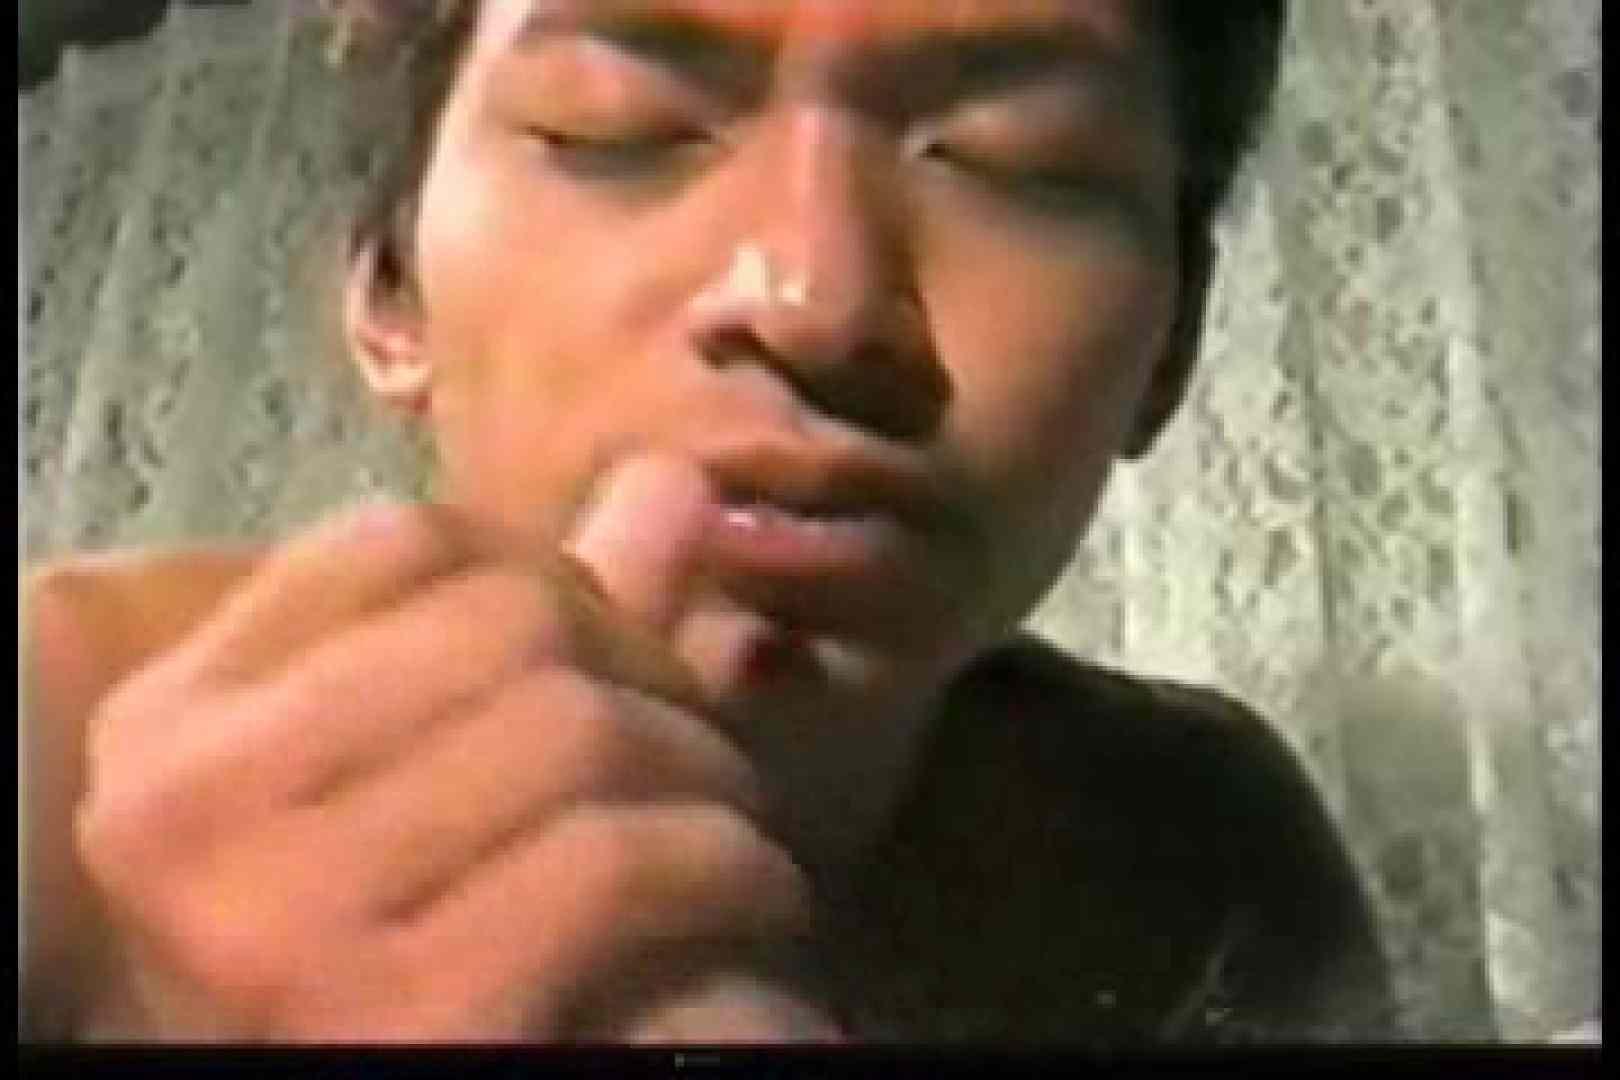 【自己製作販売ビデオ】オナニーフェラ挿入 アナル天国 | おじさん ゲイ発射もろ画像 13連発 6